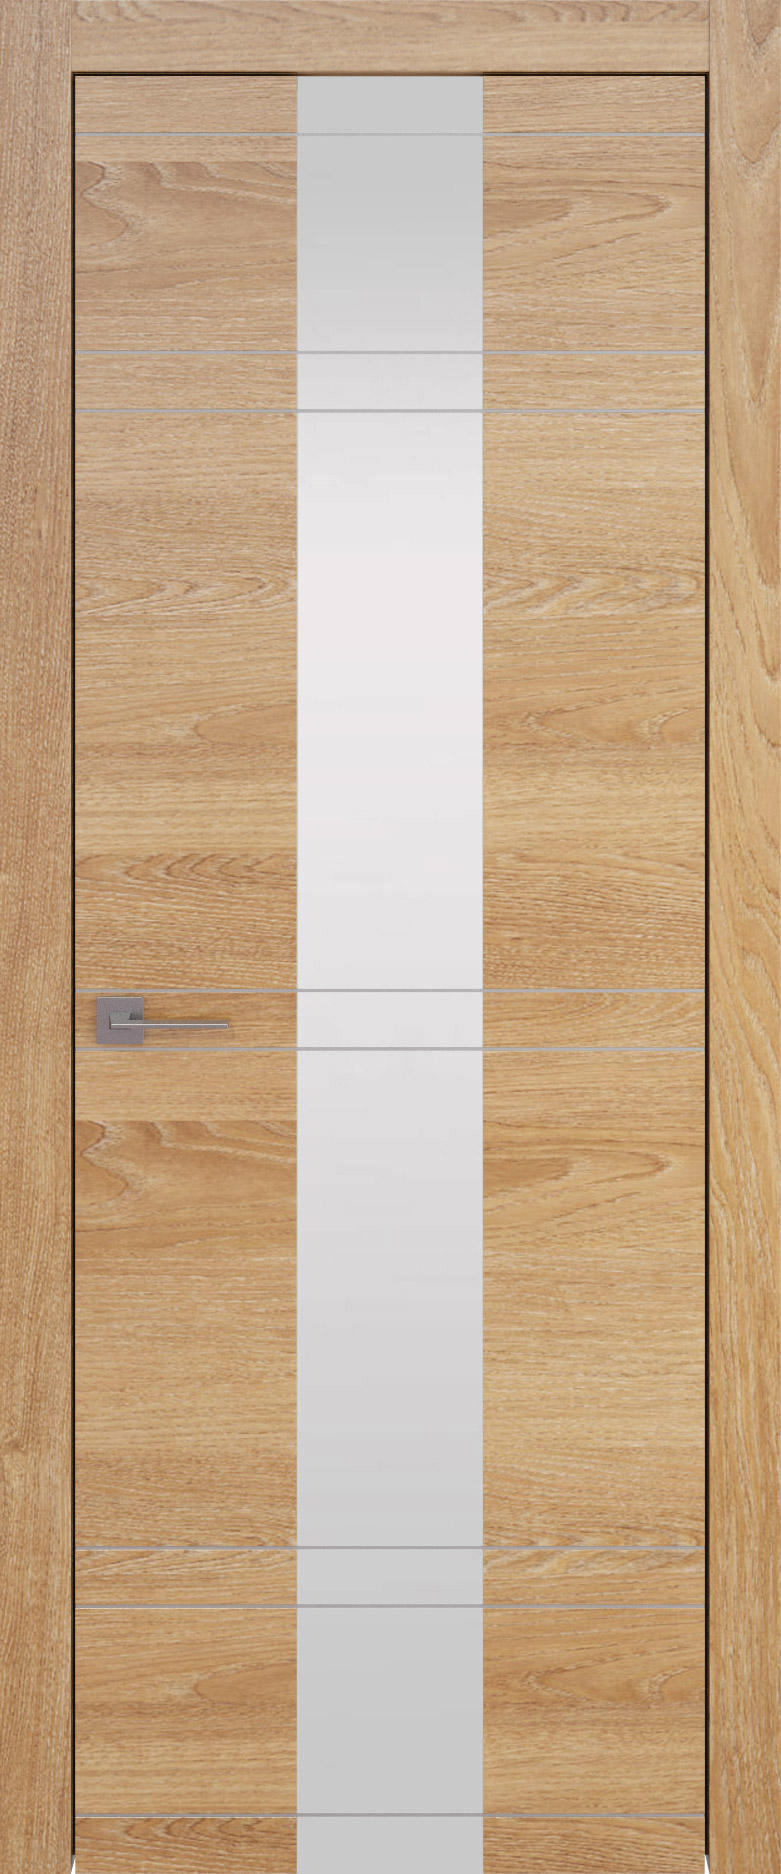 Tivoli Ж-4 цвет - Дуб капучино Со стеклом (ДО)